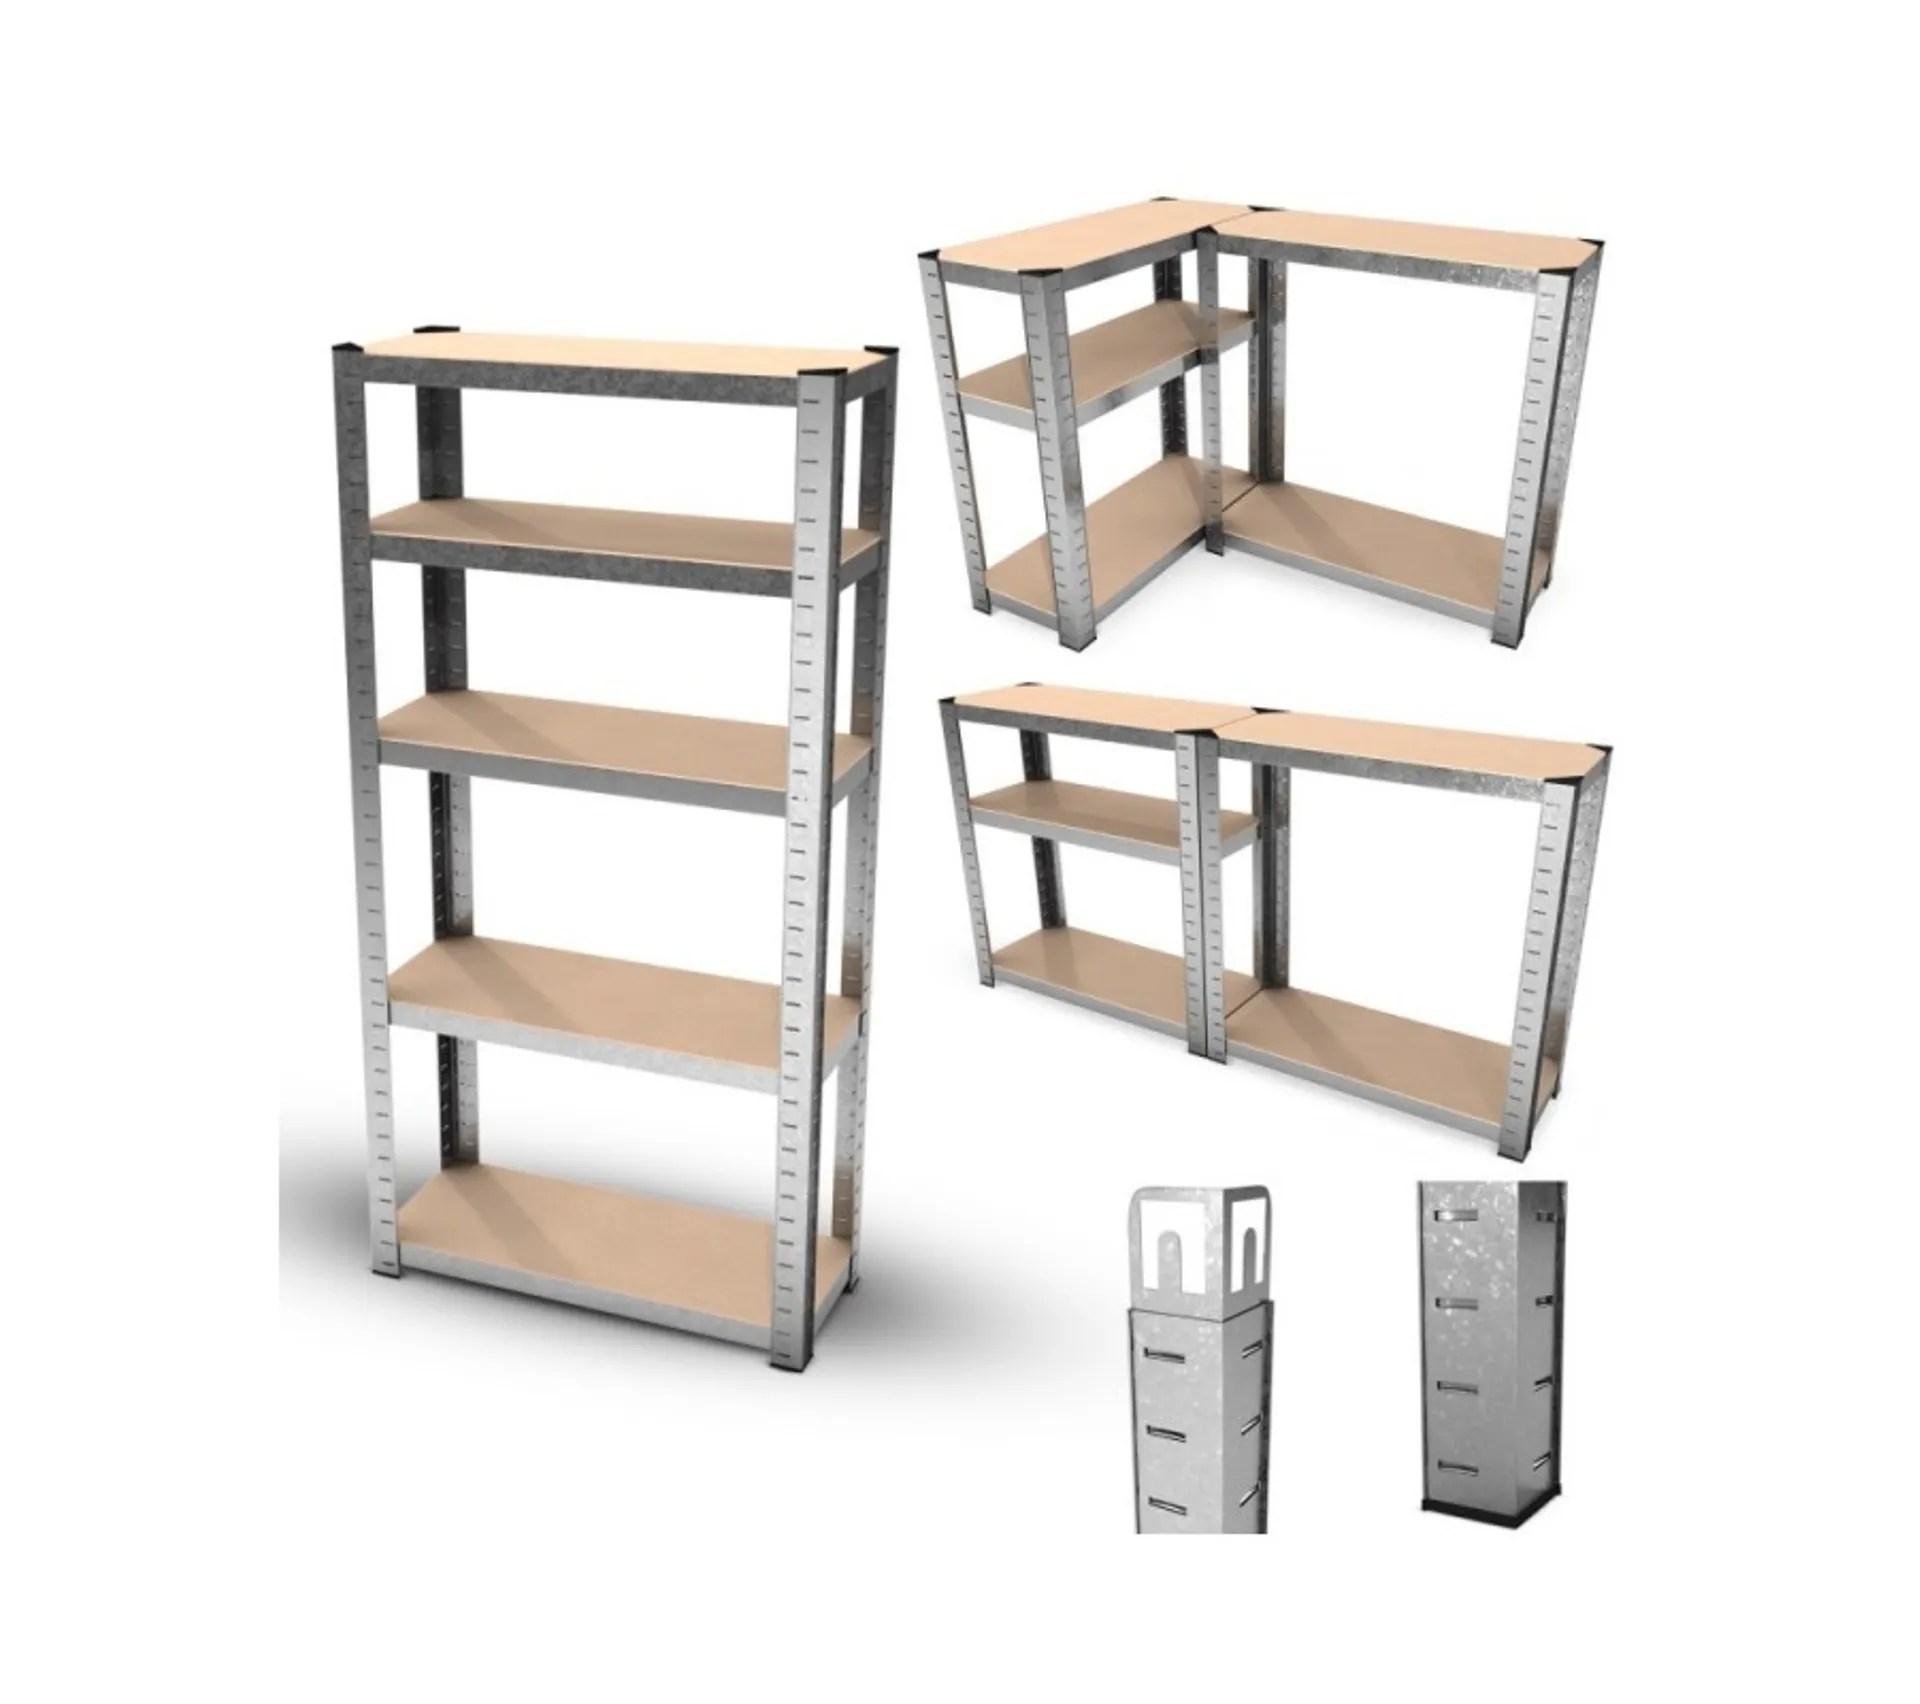 etagere de rangement polyvalente en metal charge lourde max 750kg 150 x 75 x 30 cm gris